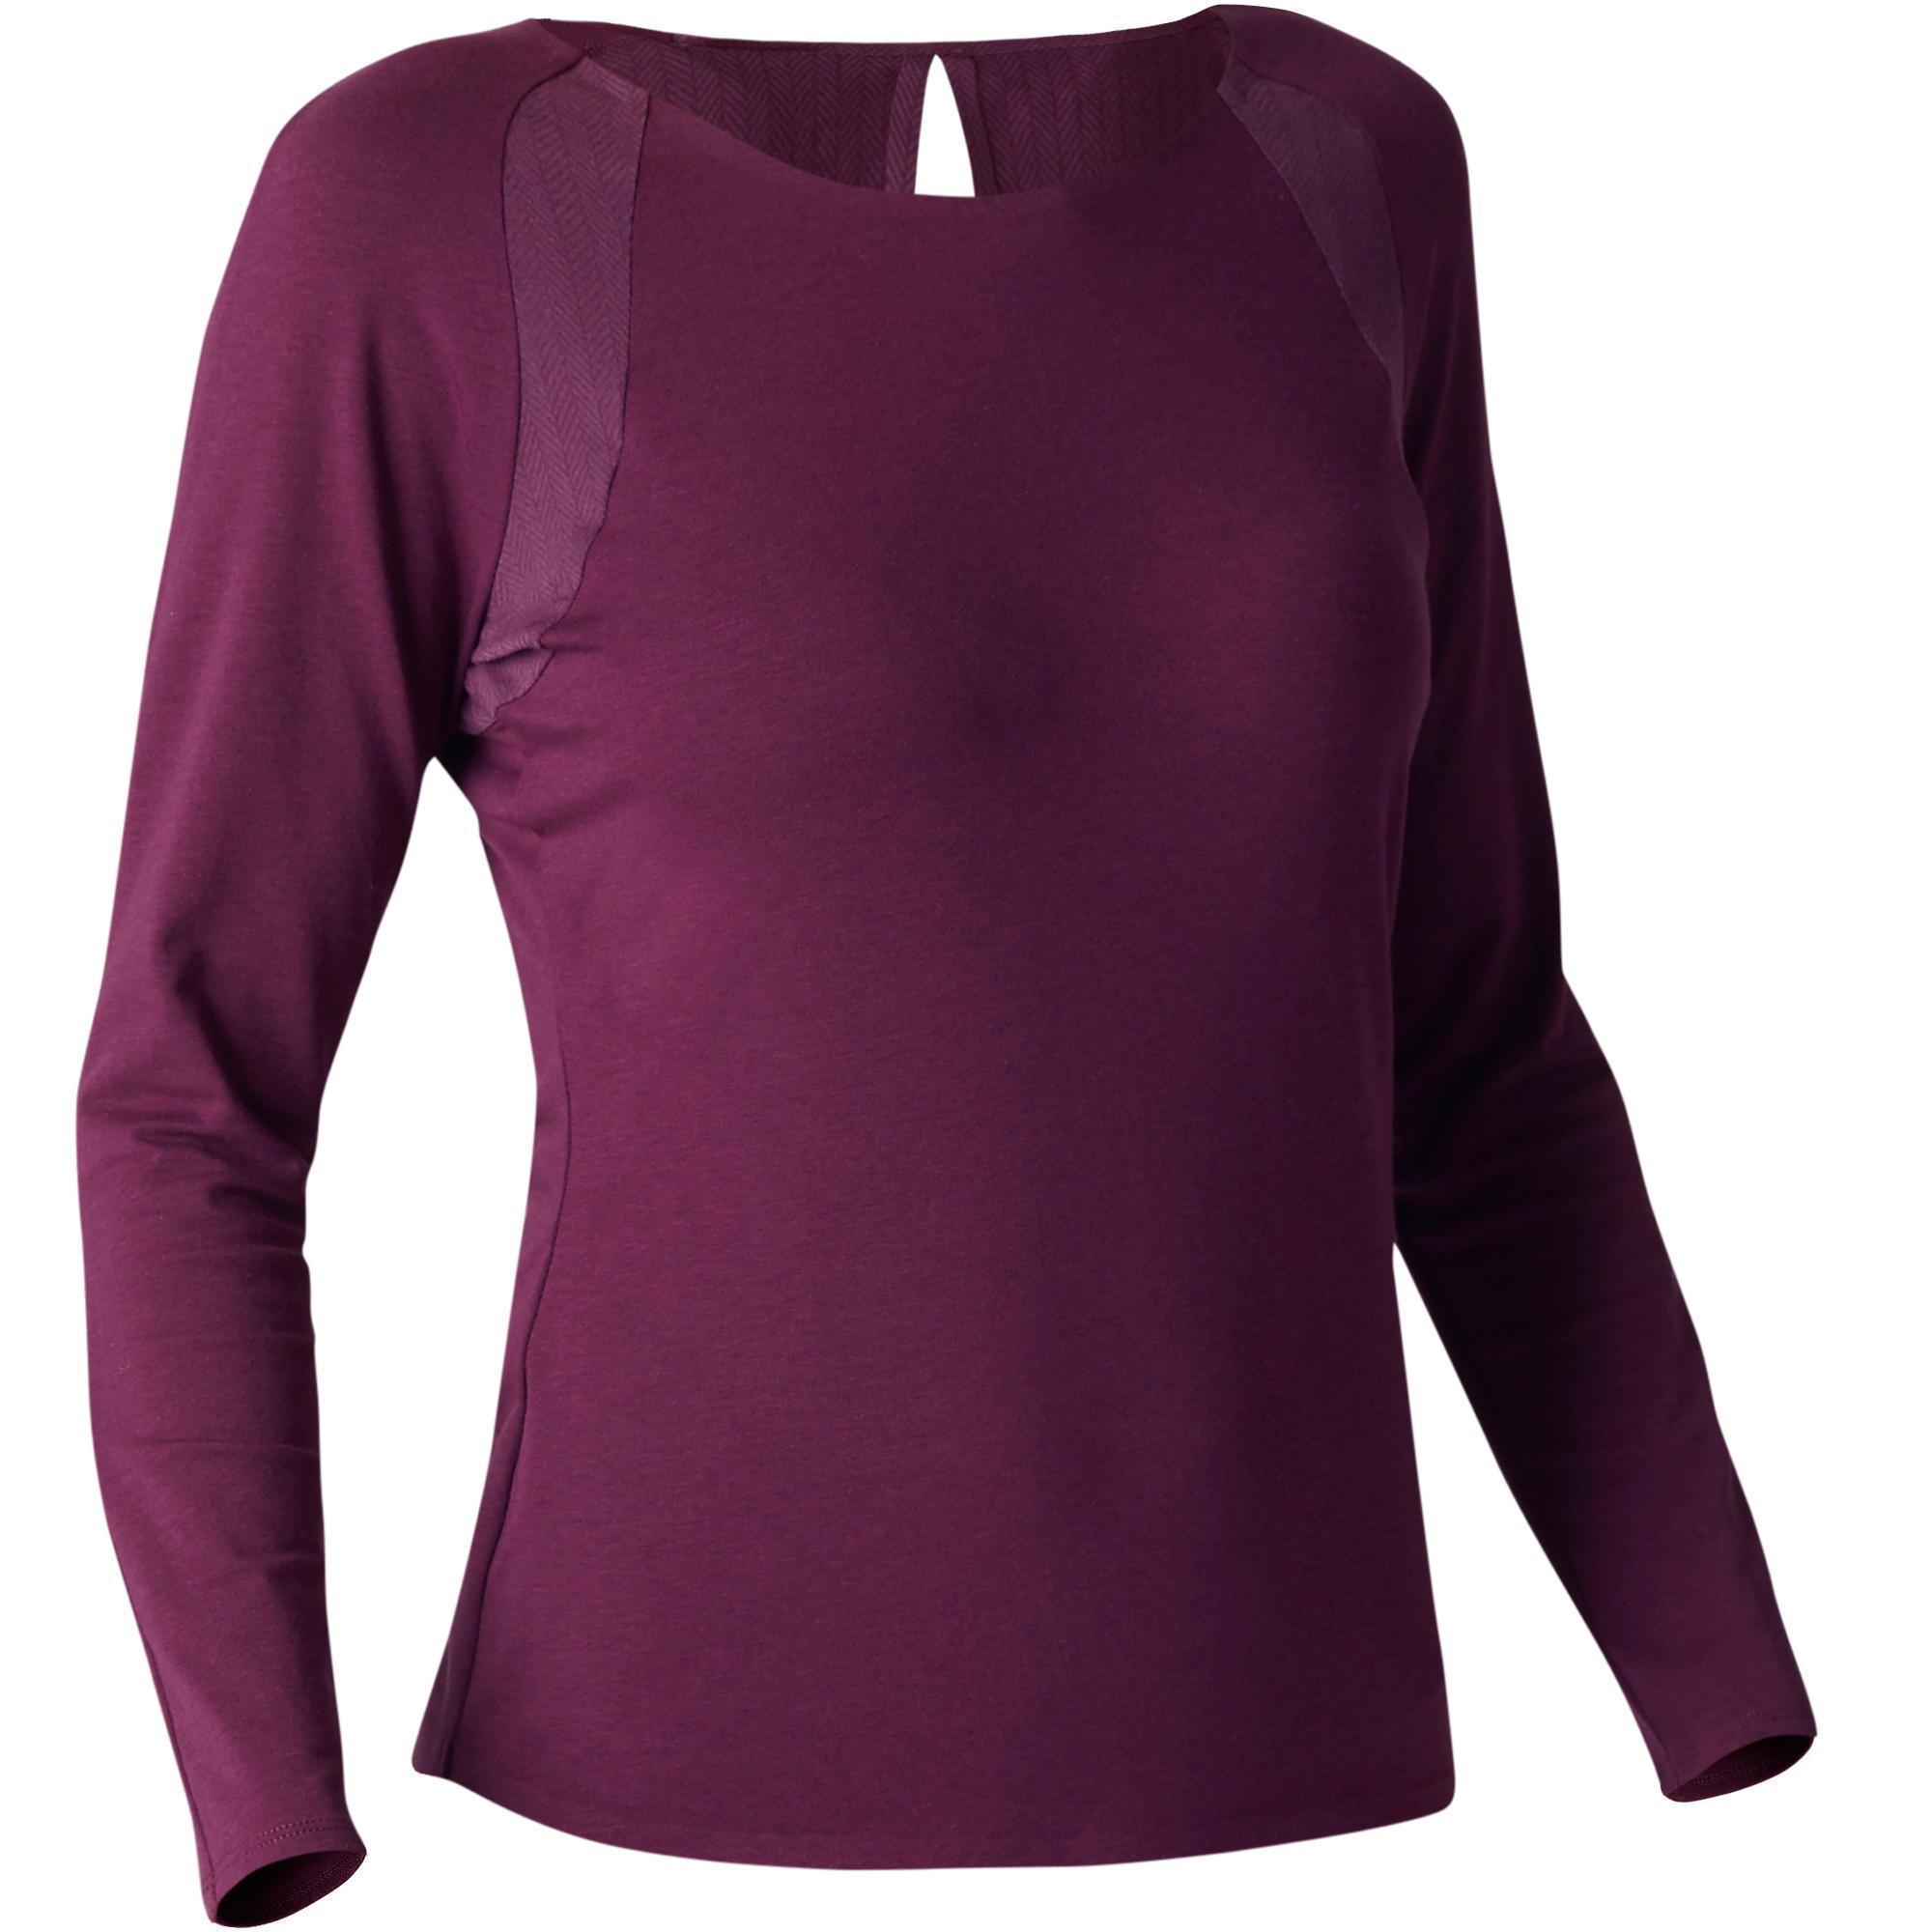 Domyos Dames T-shirt 900 met lange mouwen voor gym, stretching en pilates paars